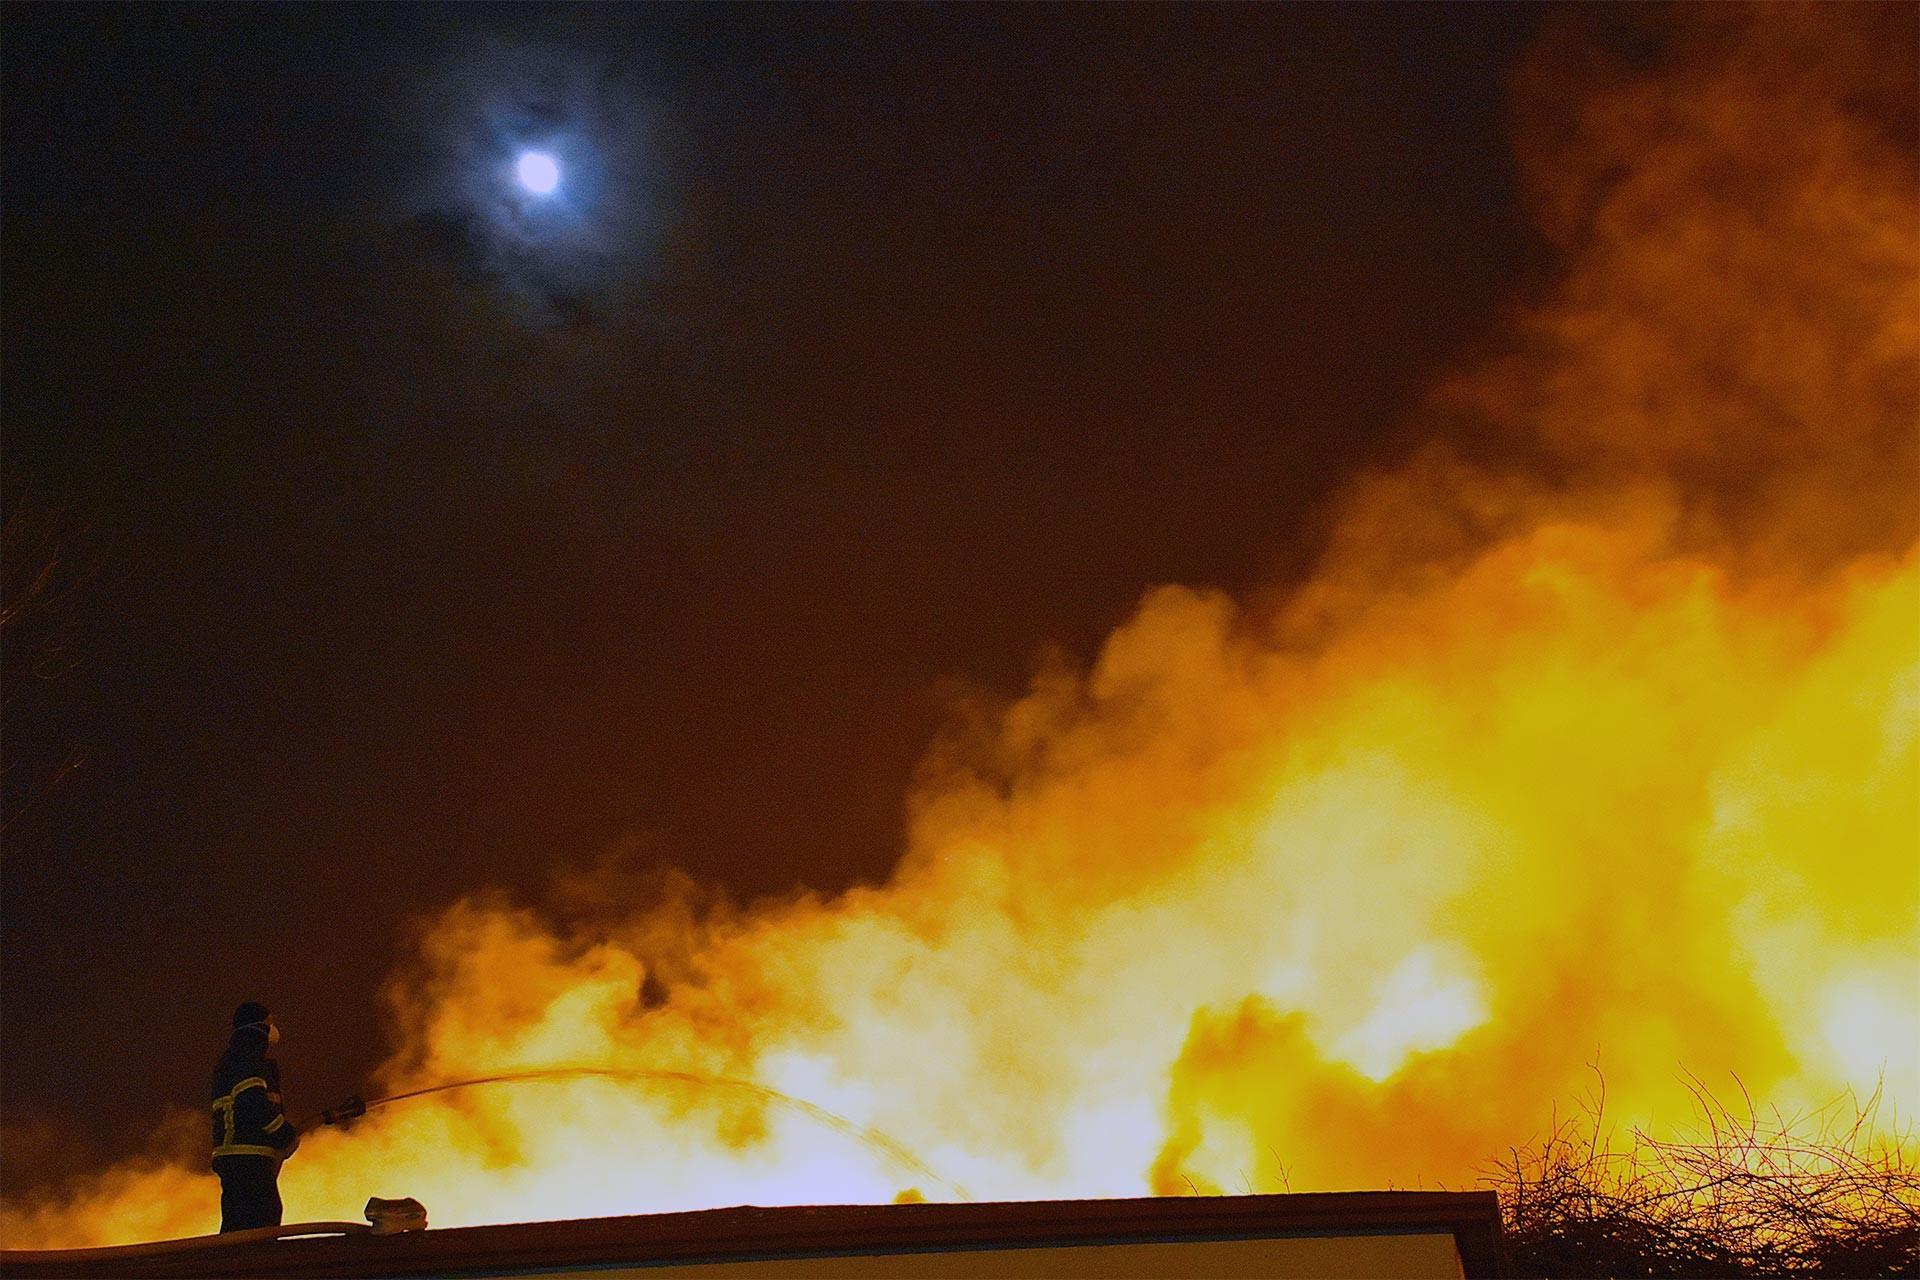 Fabrikada çıkan yangını söndürme çalışmaları